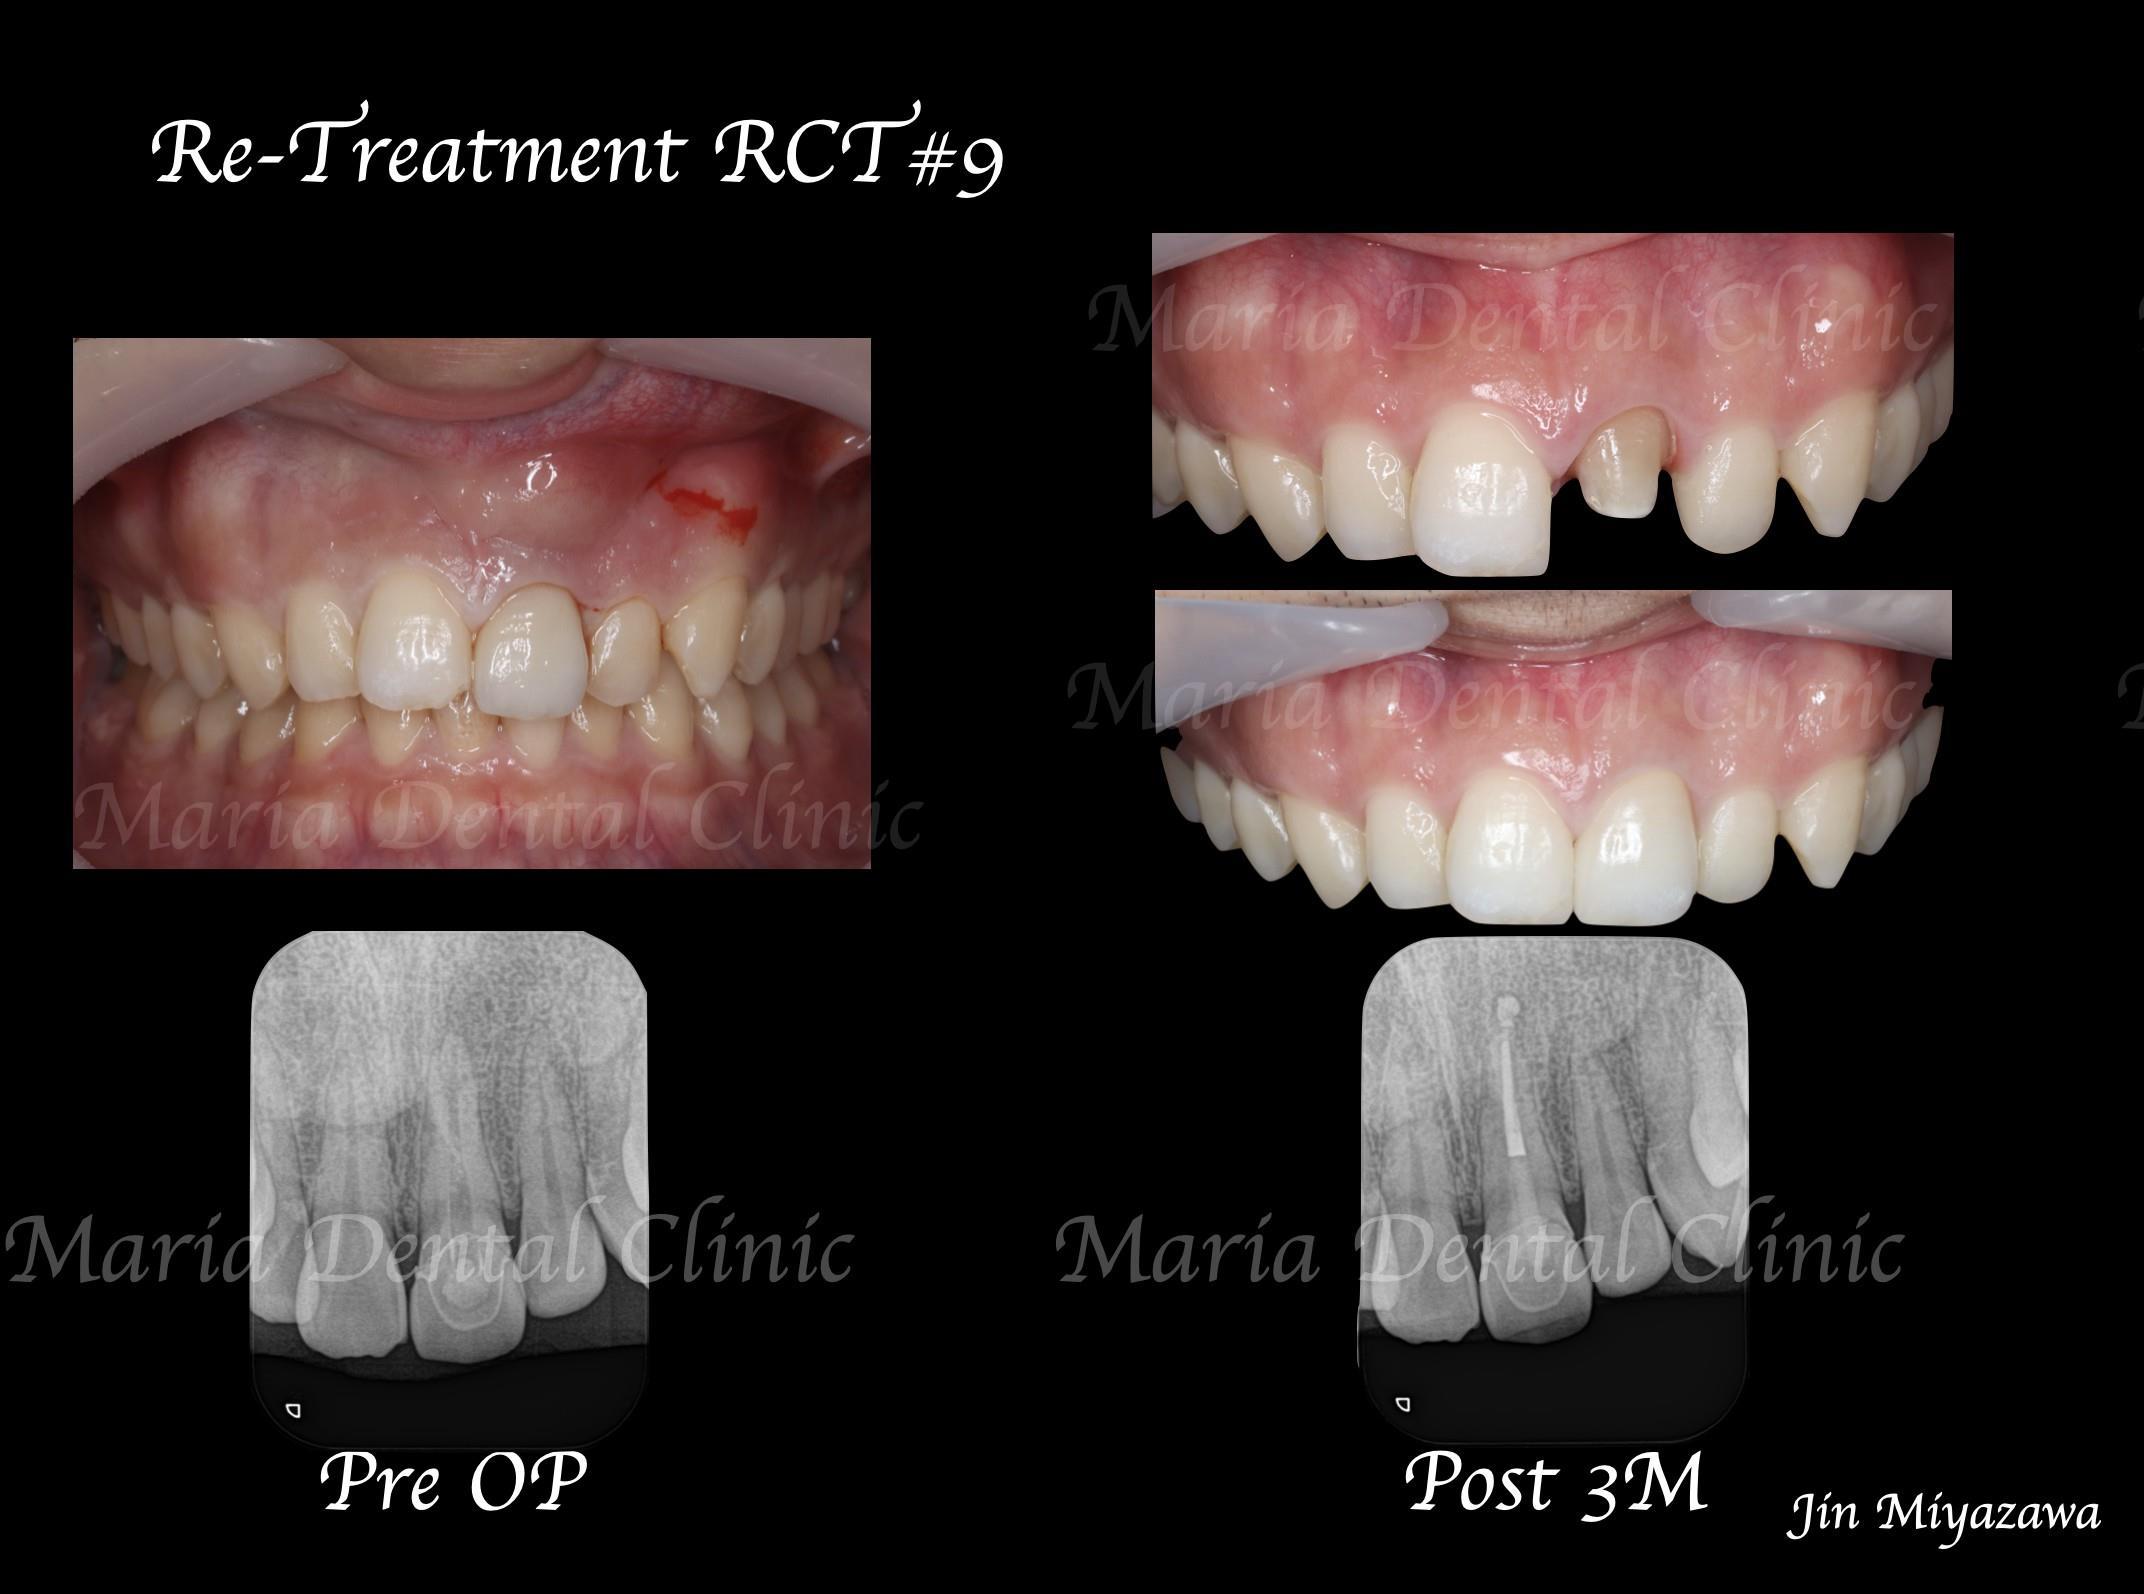 目白マリア歯科_【症例】前歯のセラミック修復による審美的な回復(前歯部1歯補綴)_口腔内及X線の比較写真